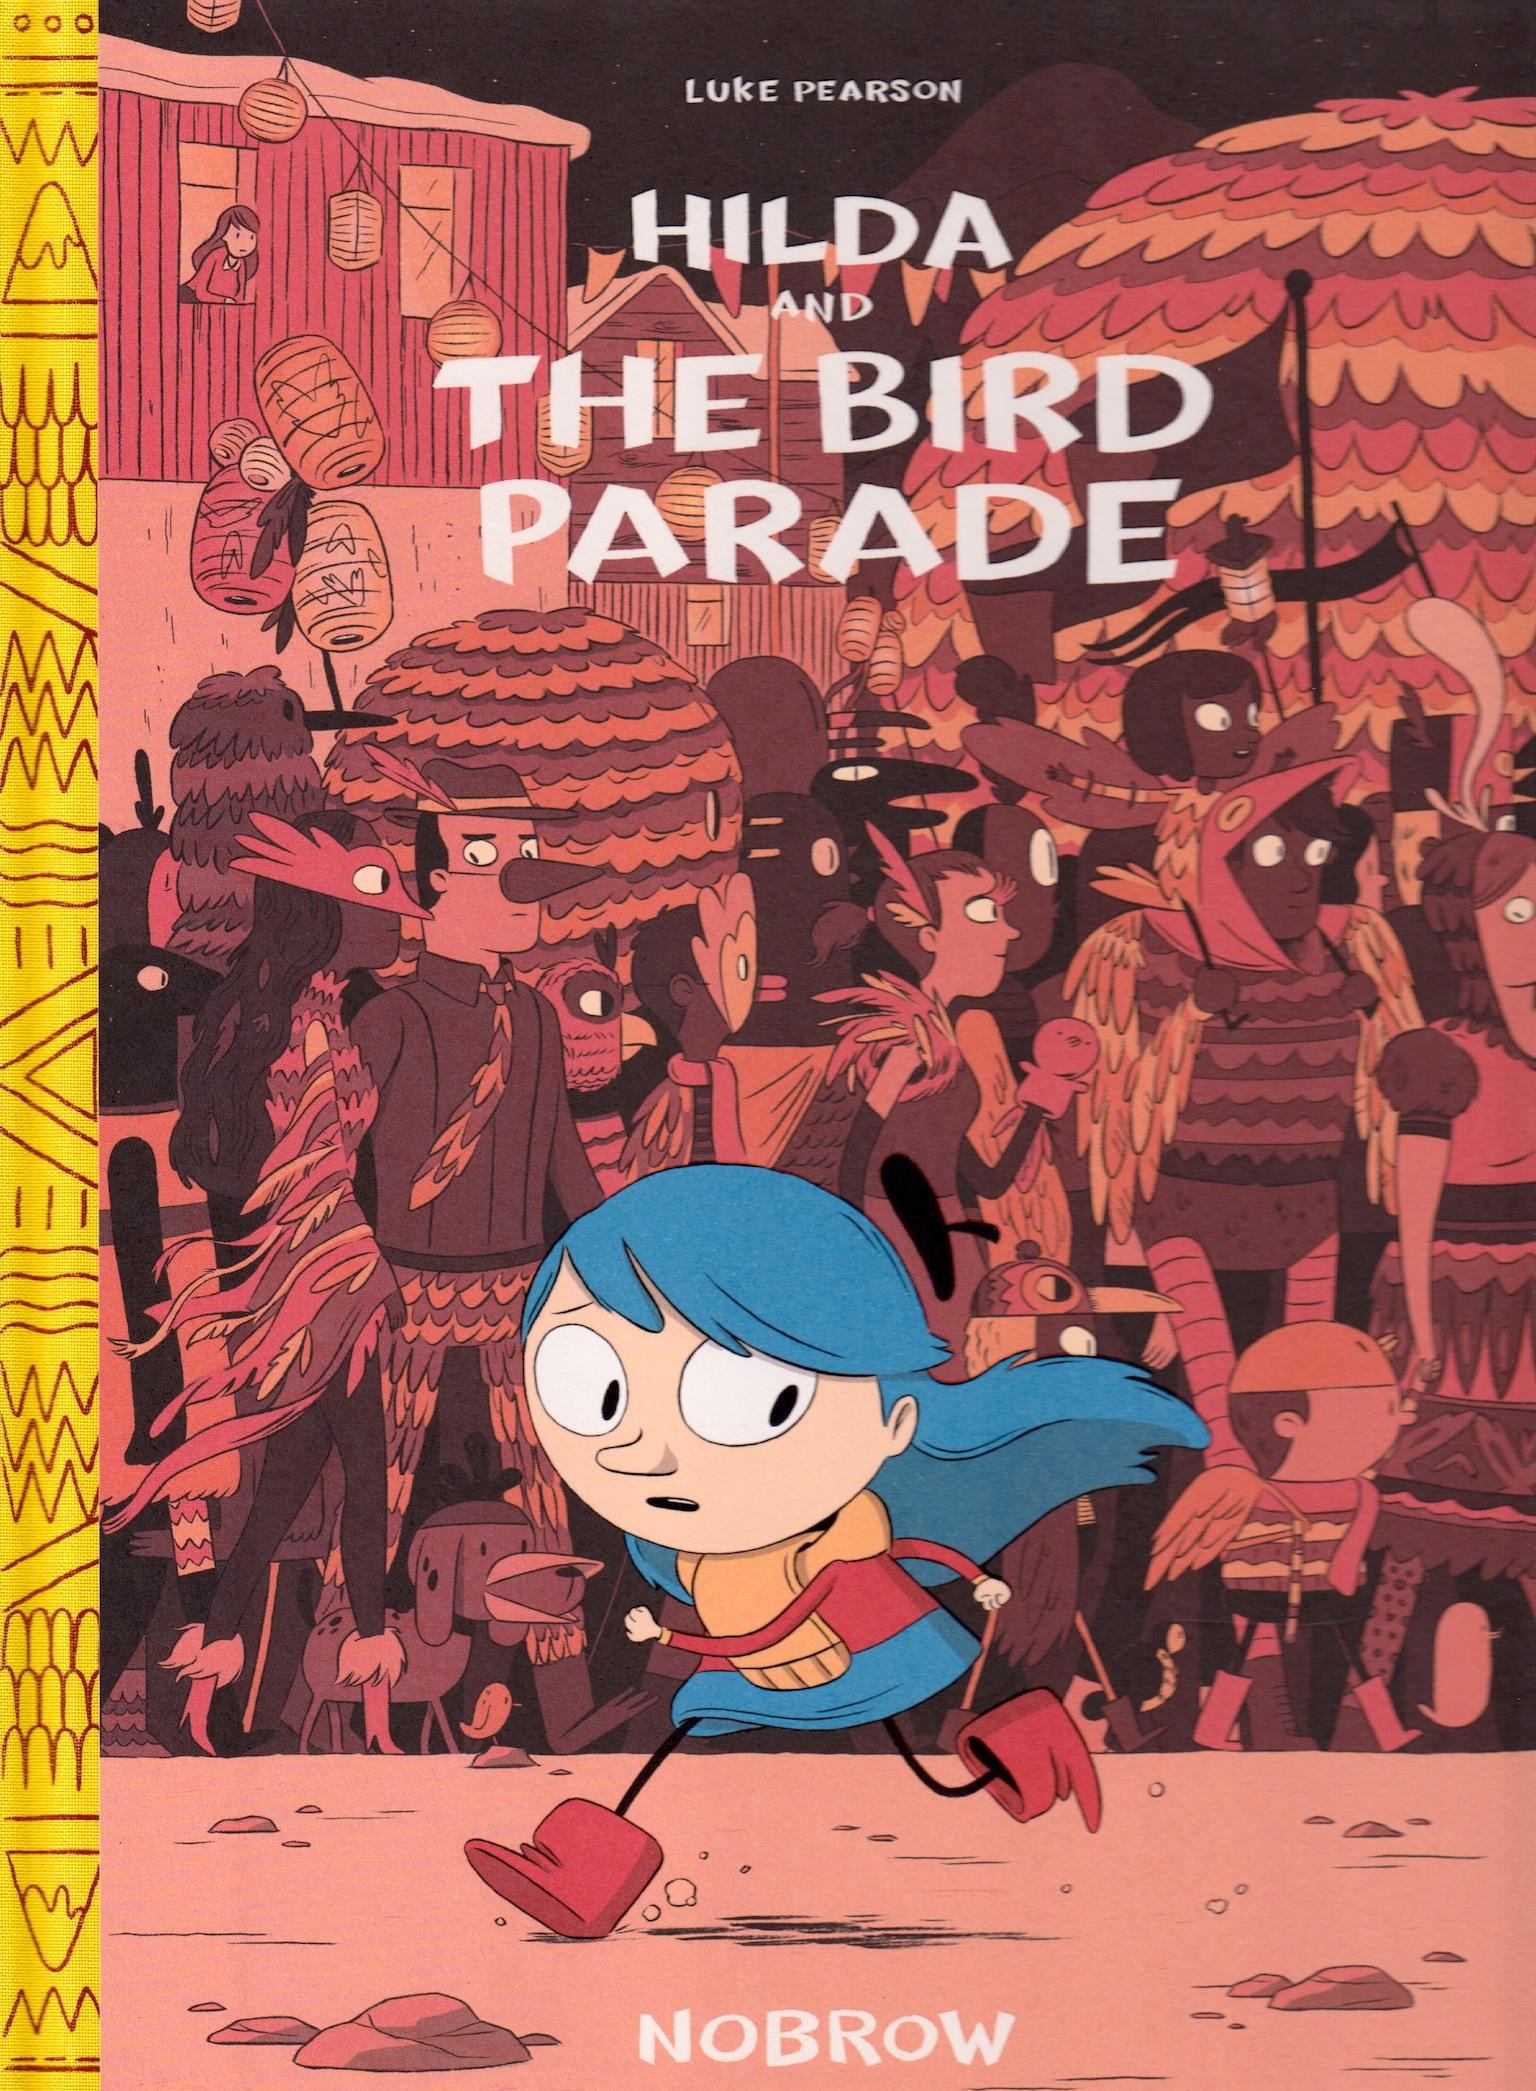 Hilda and the Bird Parade cover